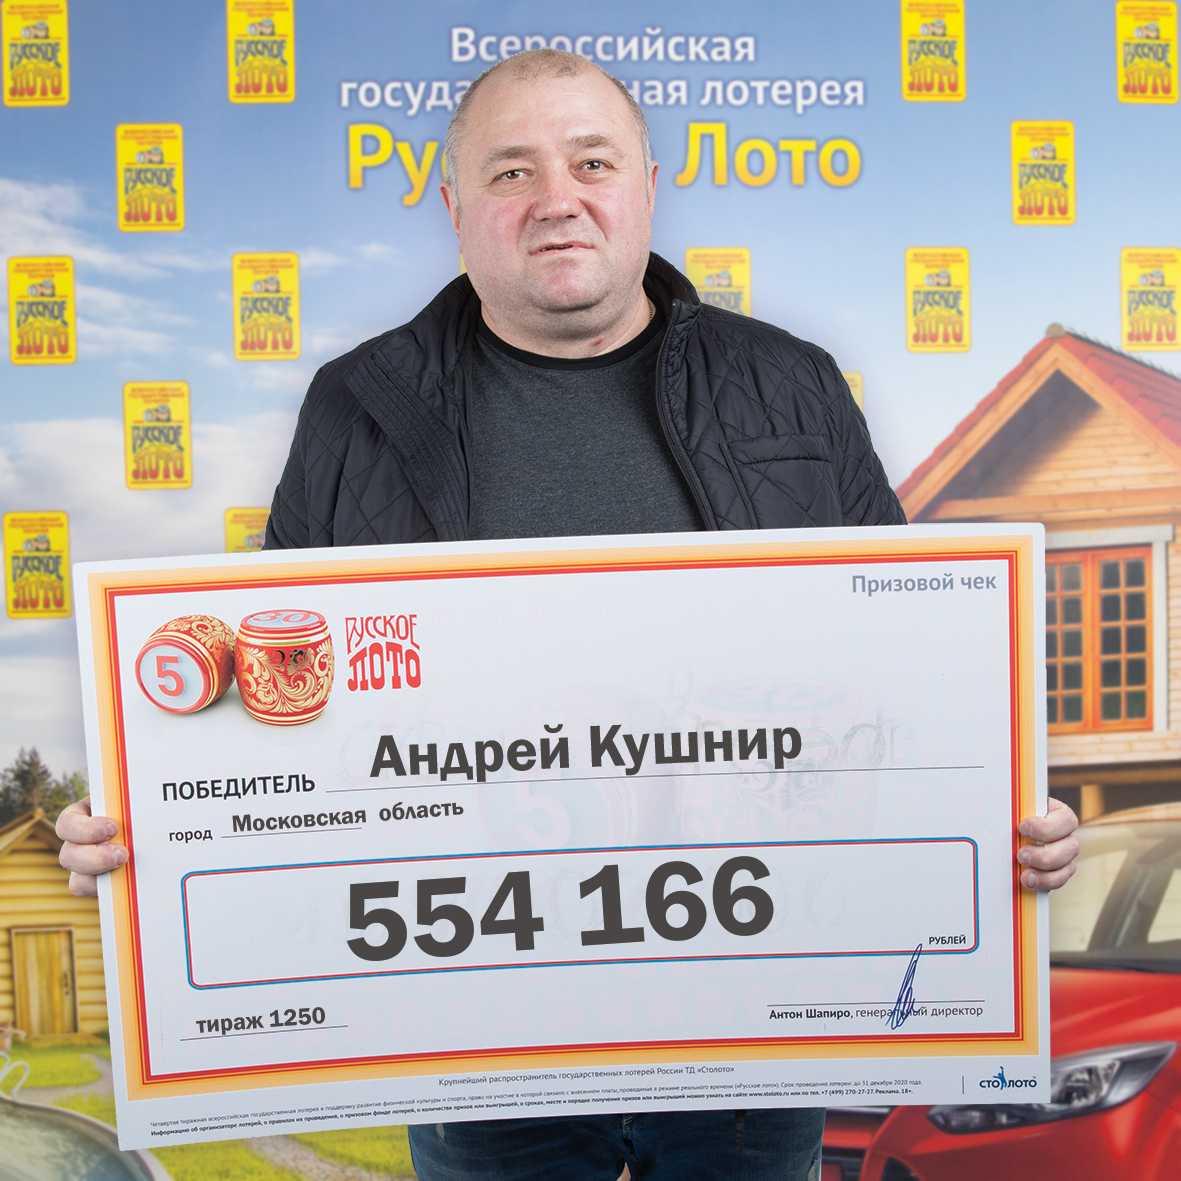 Lotter - informacje zwrotne od zwycięzców + porównanie z agentem lotto - gdzie jest bardziej opłacalne?